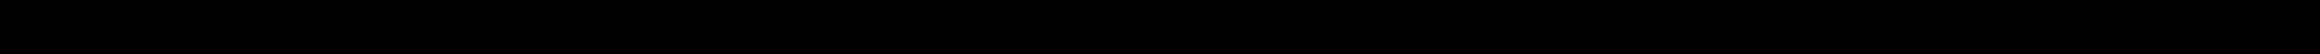 BOSCH 13 53 2 247 156, 2856 436, 4899 689, 12 648 861, 04506 2027F Tesnici krouzek, drzak trysky